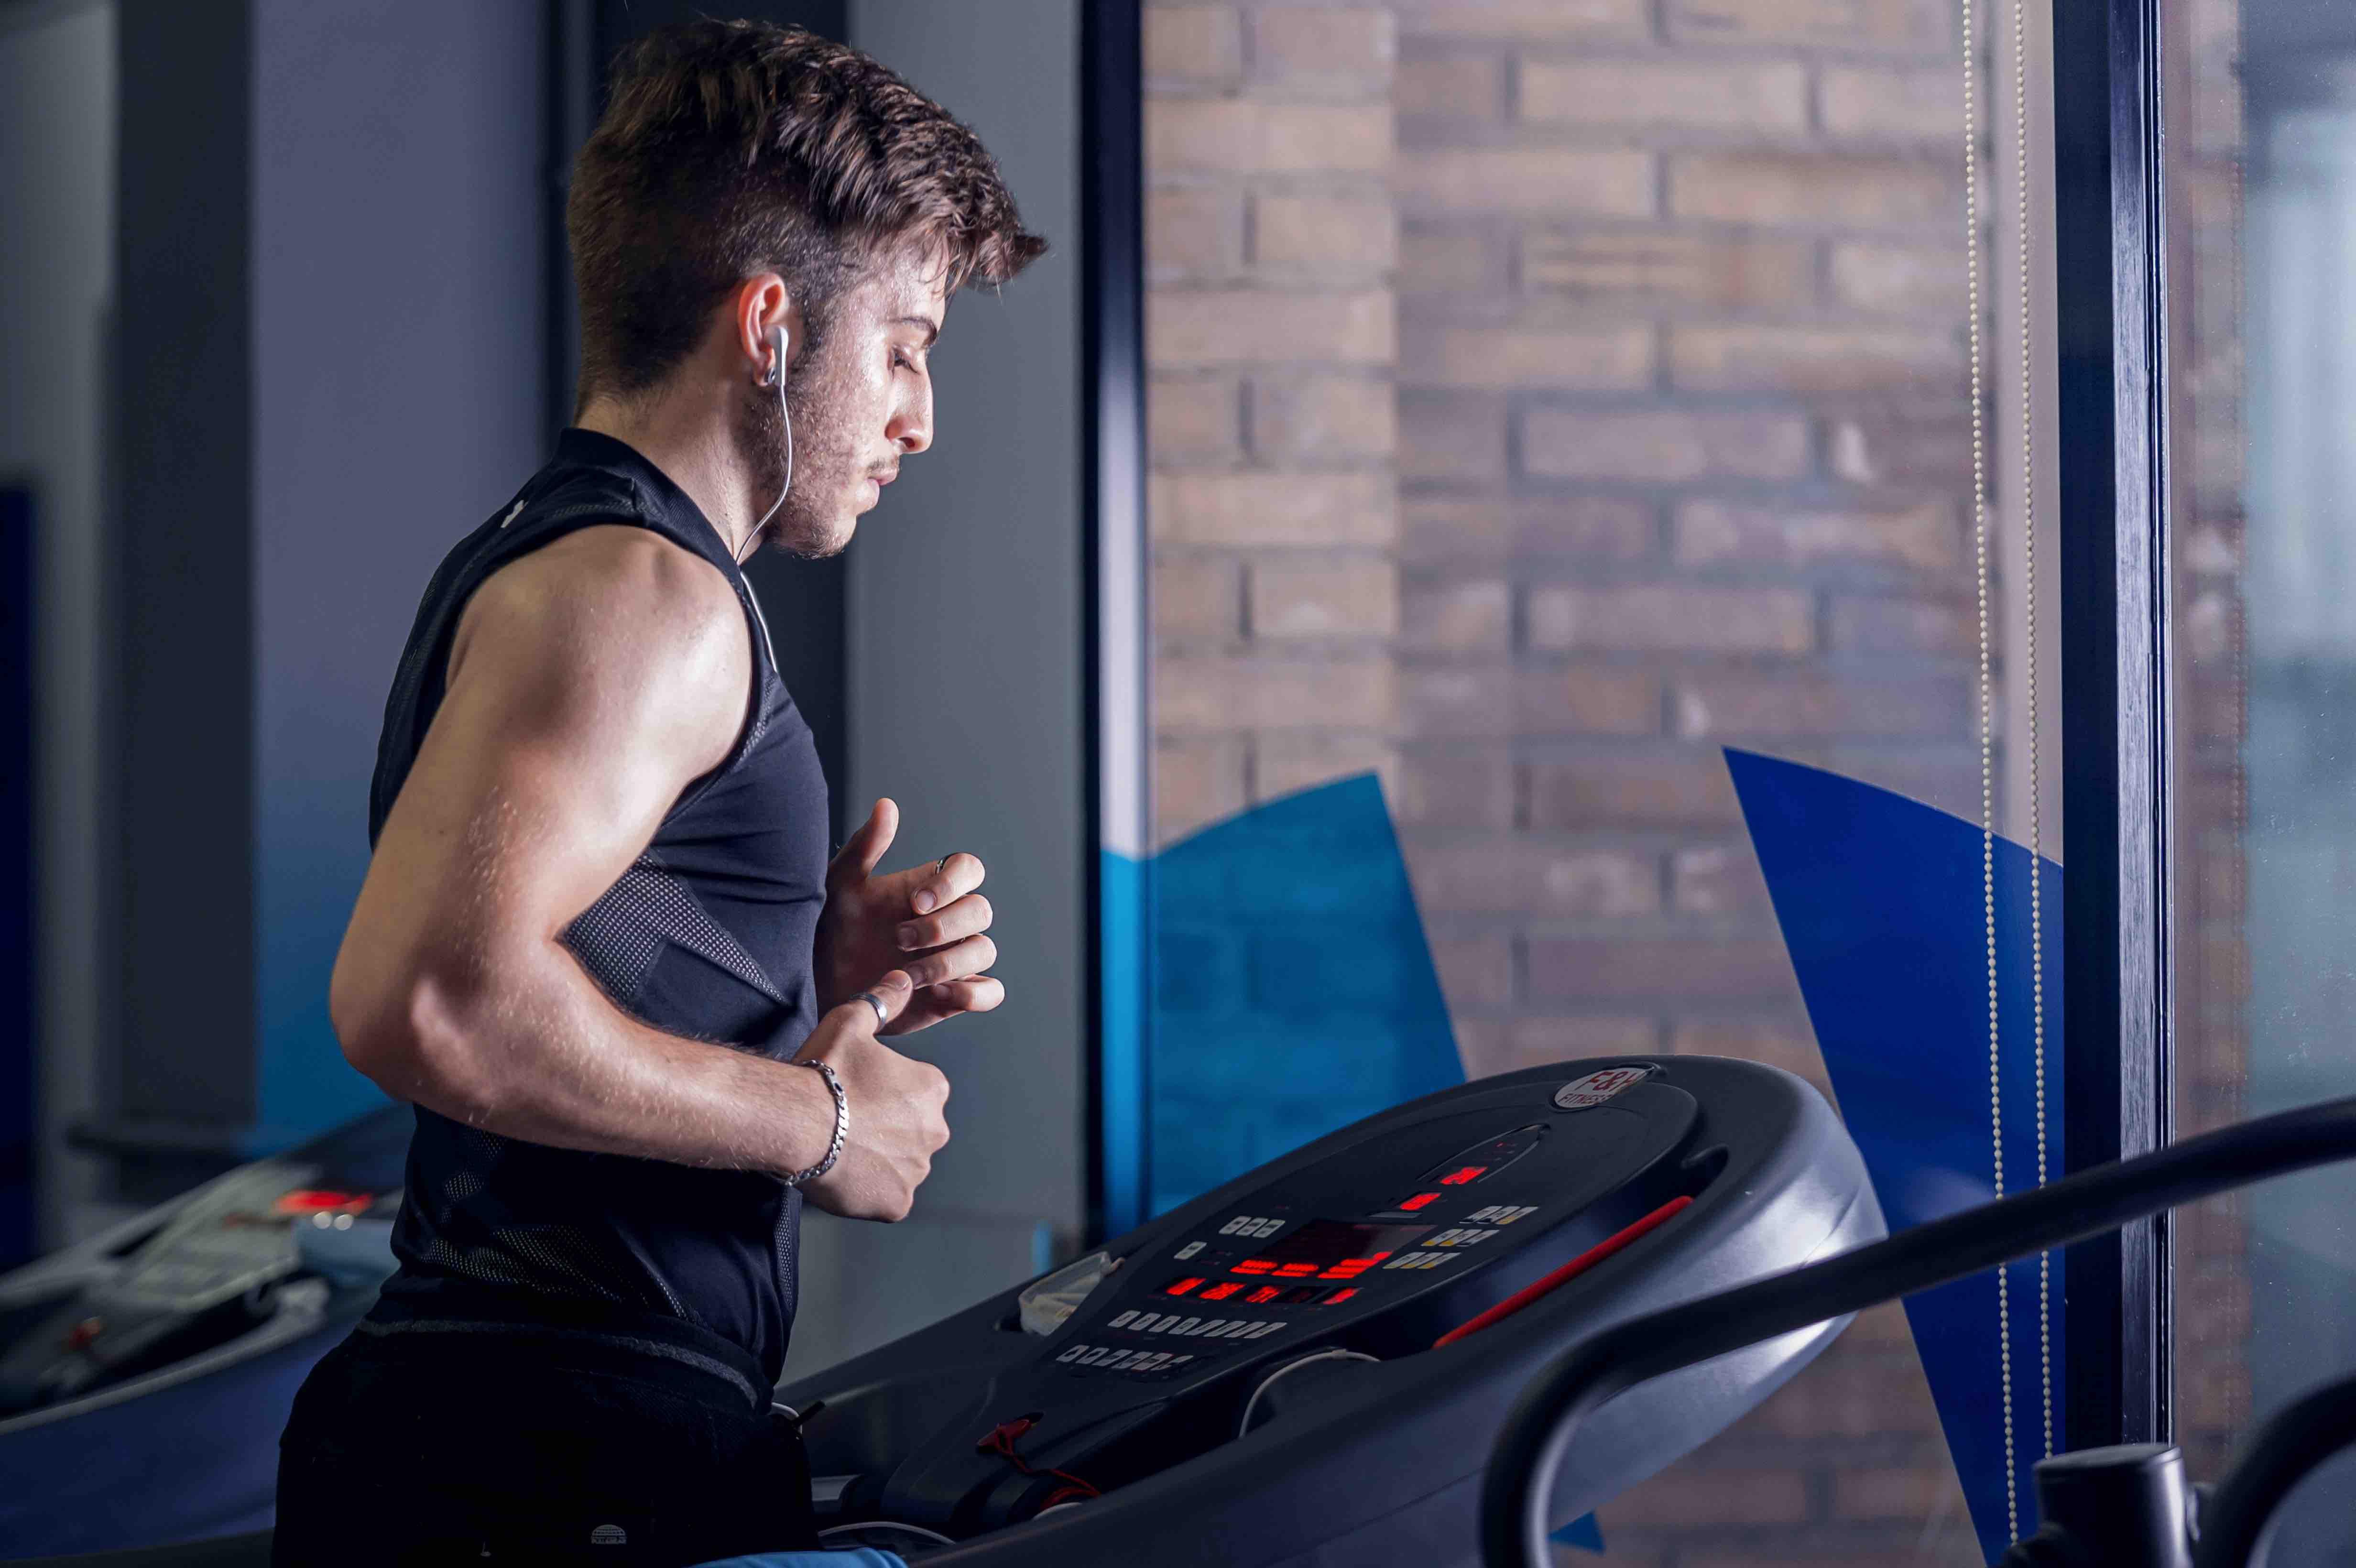 Quina màquina triar per a entrenar cardio al gimnàs